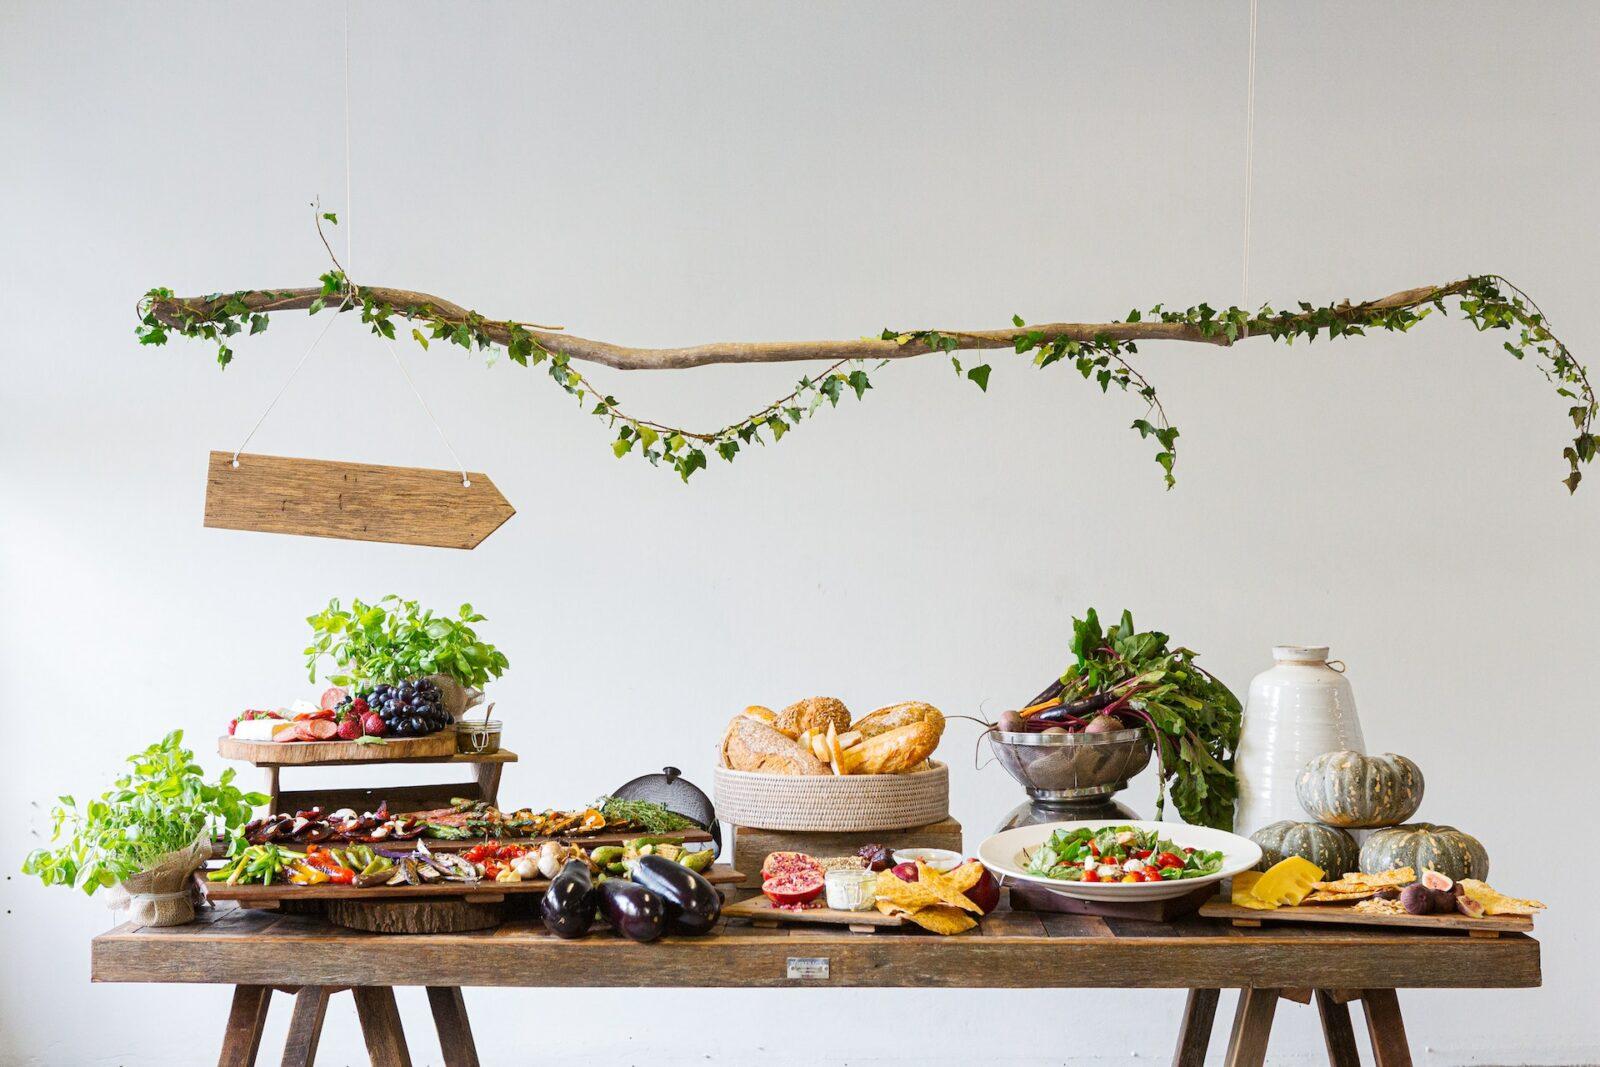 Żywność ekologiczna - wszystko, co warto wiedzieć